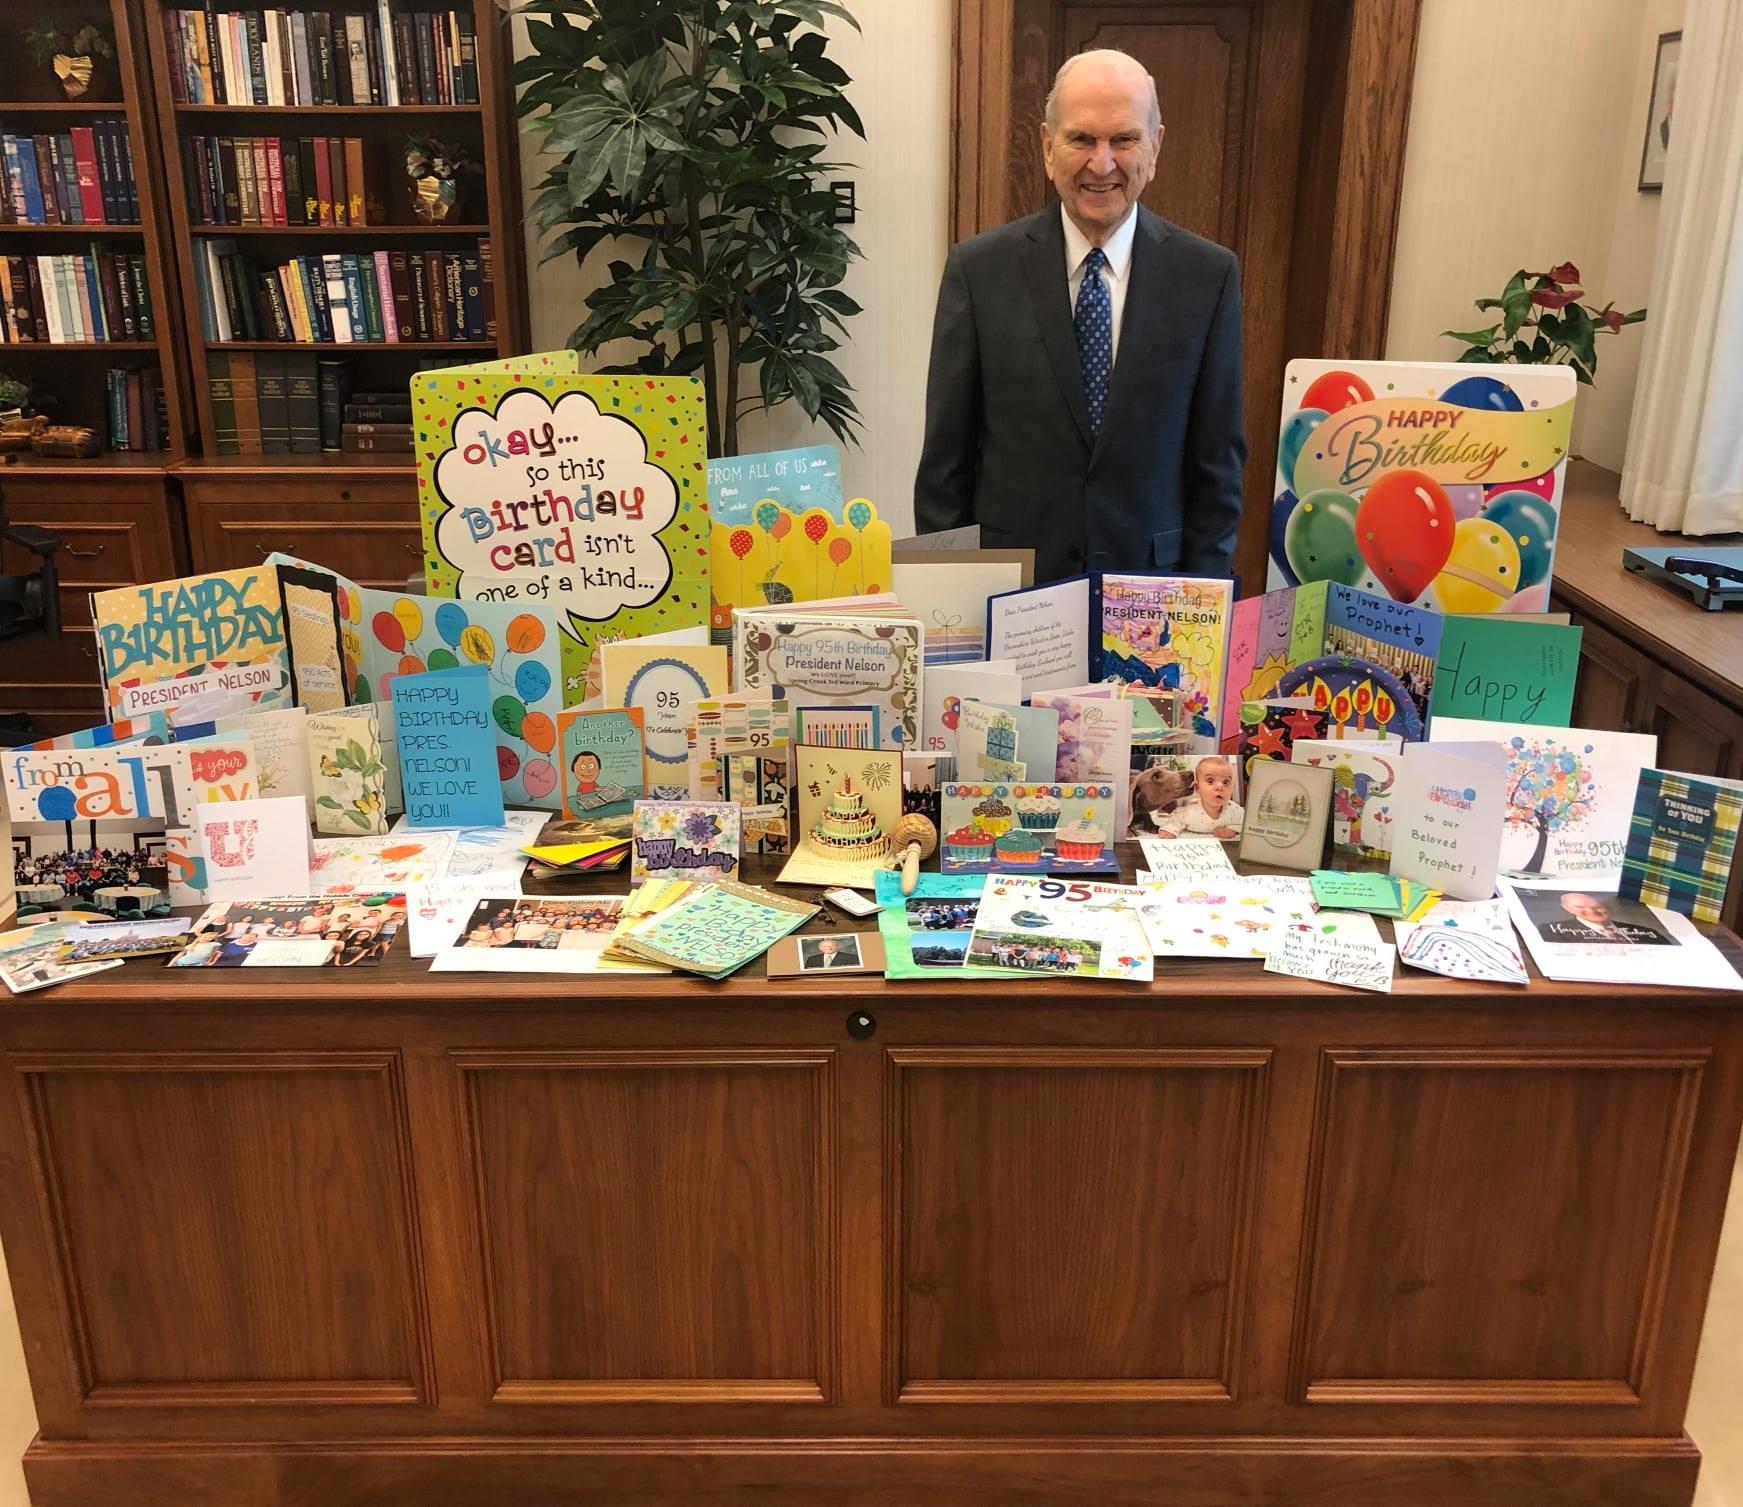 El presidente Russell M. Nelson de pie en frente de su escritorio lleno de tarjetas de cumpleaños y cartas de miembros y amigos de todo el mundo.